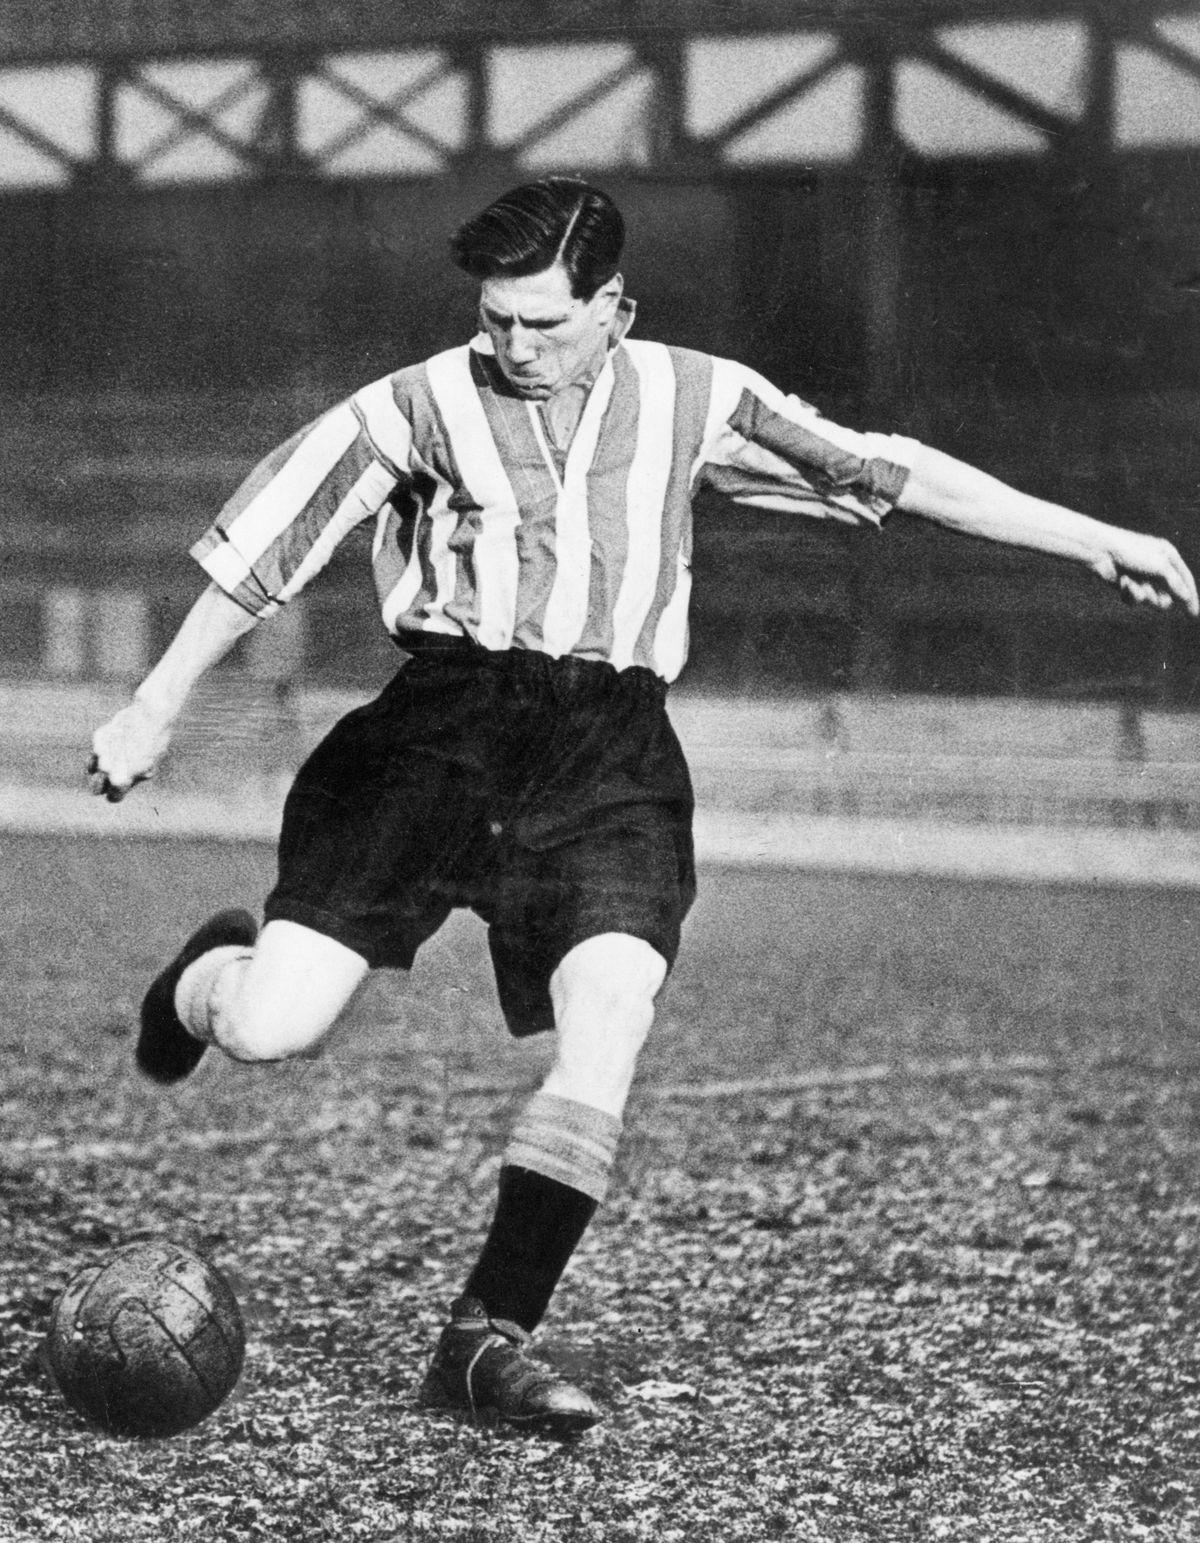 Len Shackleton Sunderland football player December 1948.